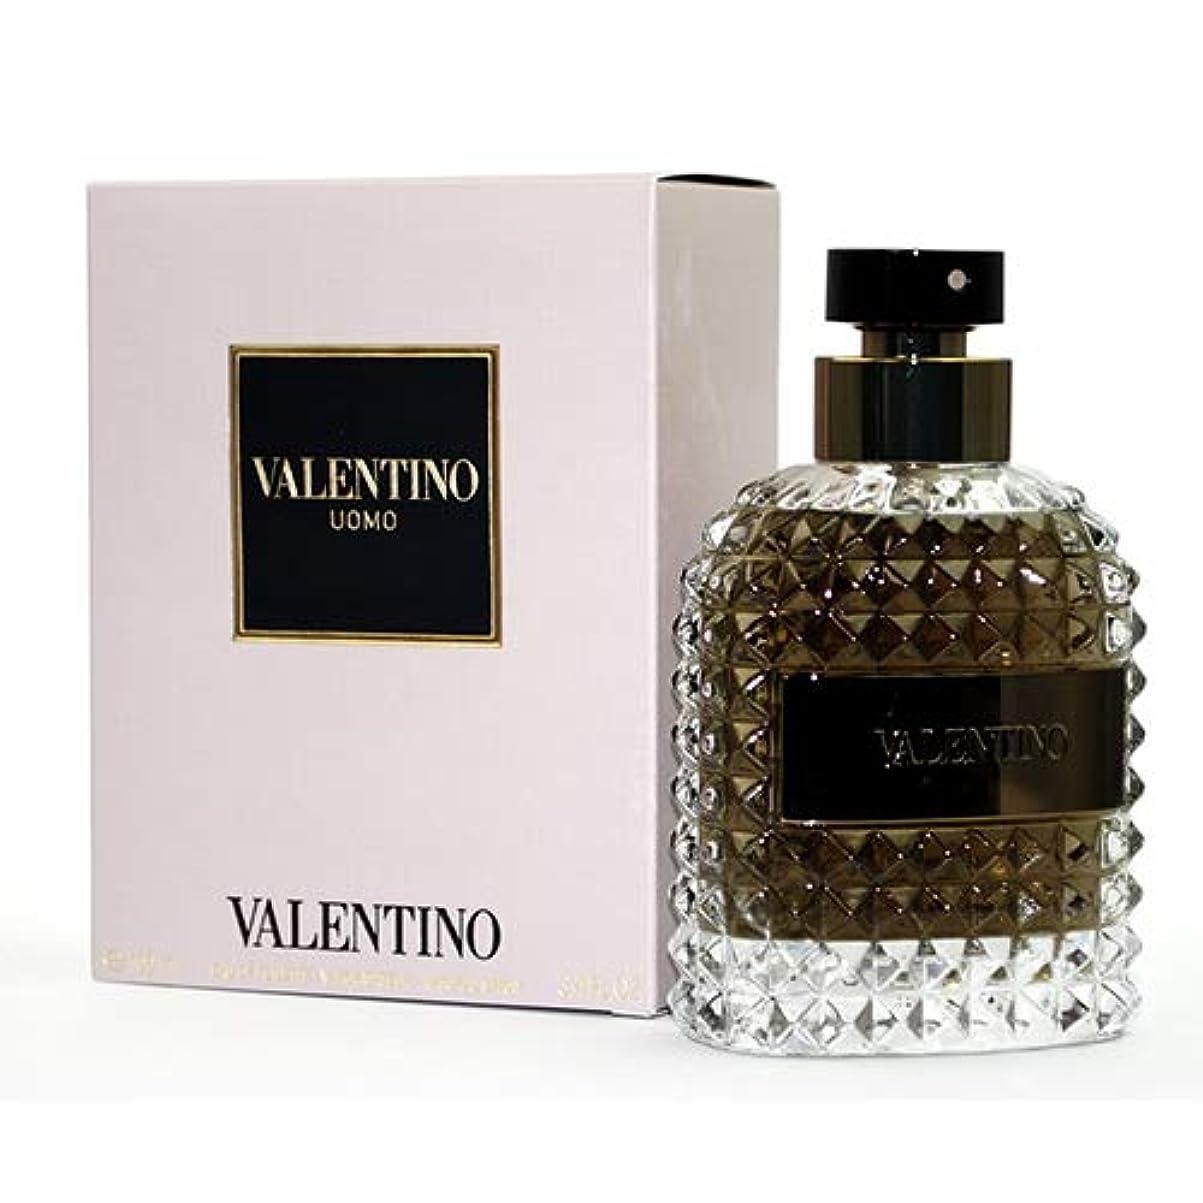 分岐する反対にバーヴァレンティノ ヴァレンティナ ウォモ EDT 100ml